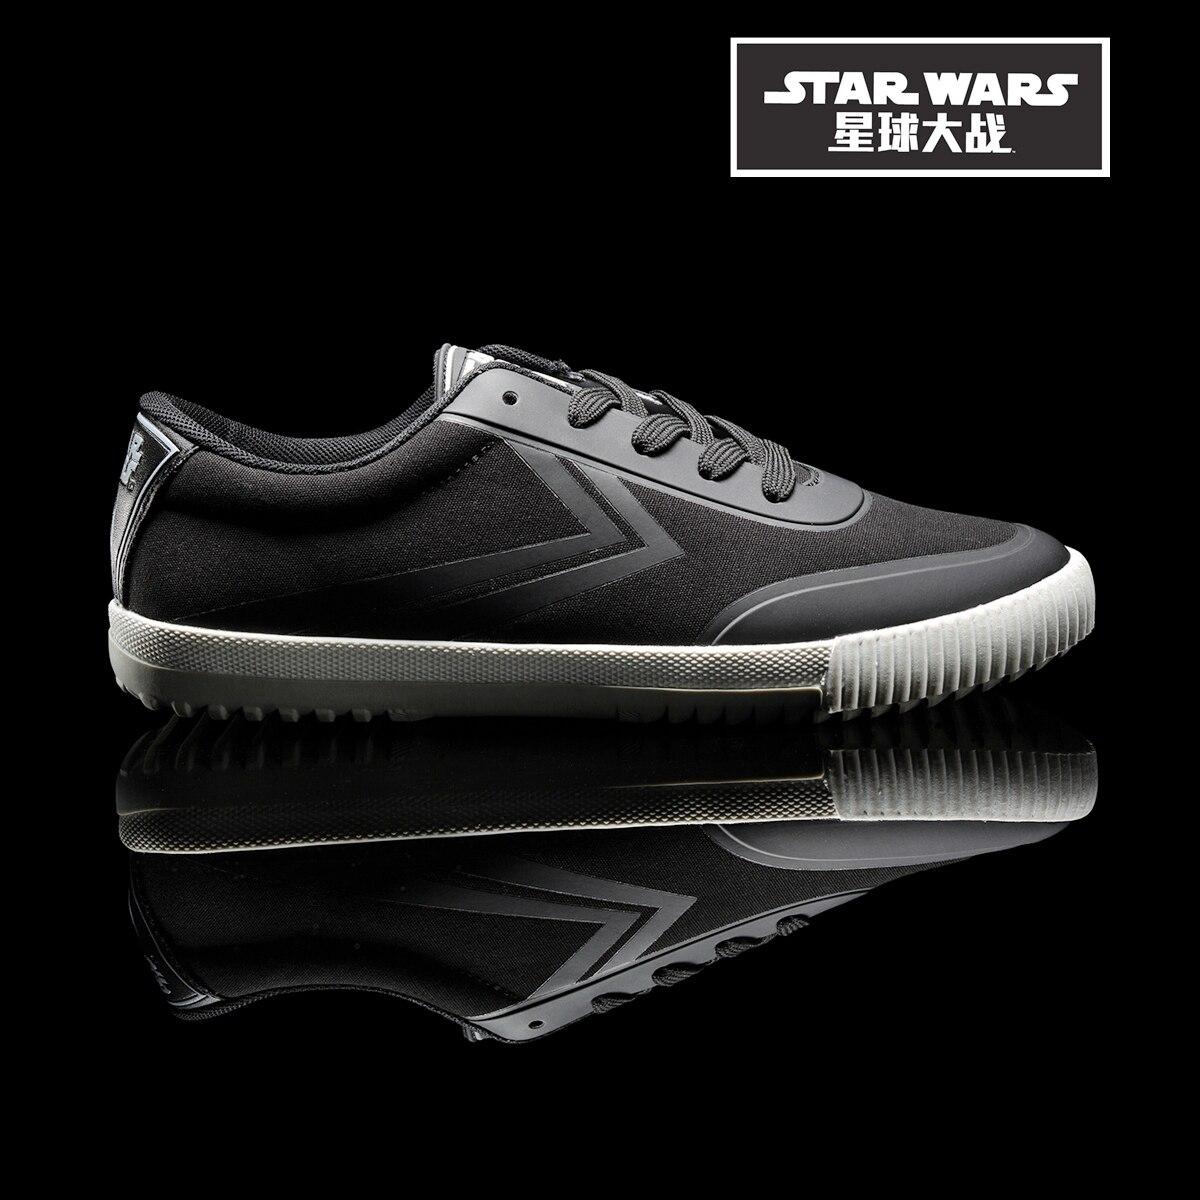 Prix pour Keyconcept NOUVEAU Feiyue StarWars chaussures Style Unisexe Sneakers arts Martiaux Taichi populaire et confortable